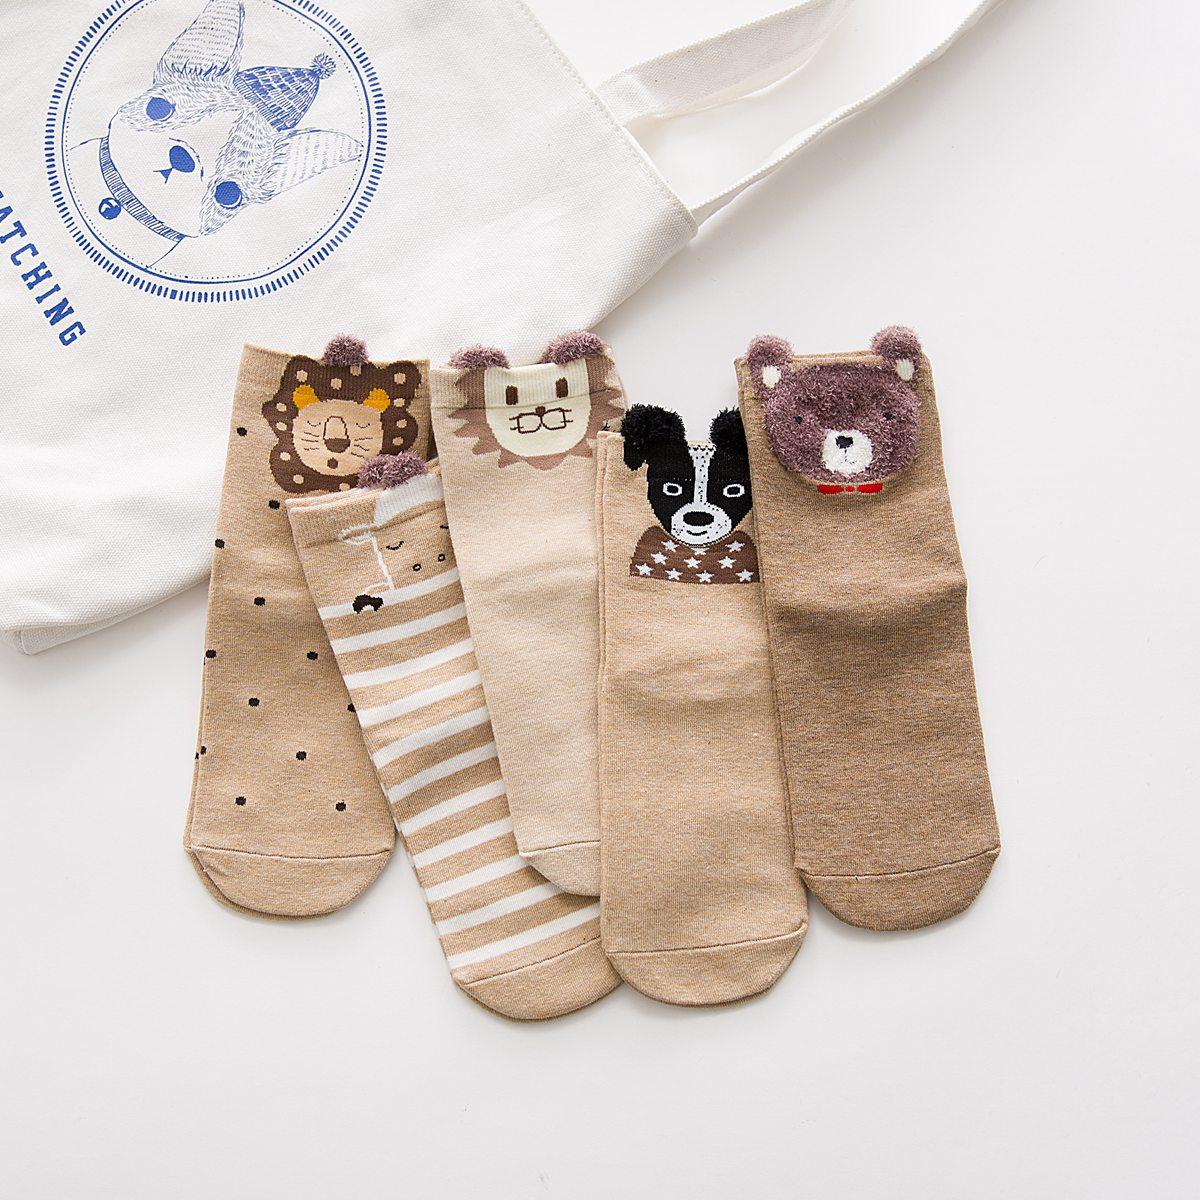 Giapponese femminile calze in calze tubo nuovo autunno e inverno calzini del fumetto delle signore peluche outlet marchio di fabbrica all'ingrosso